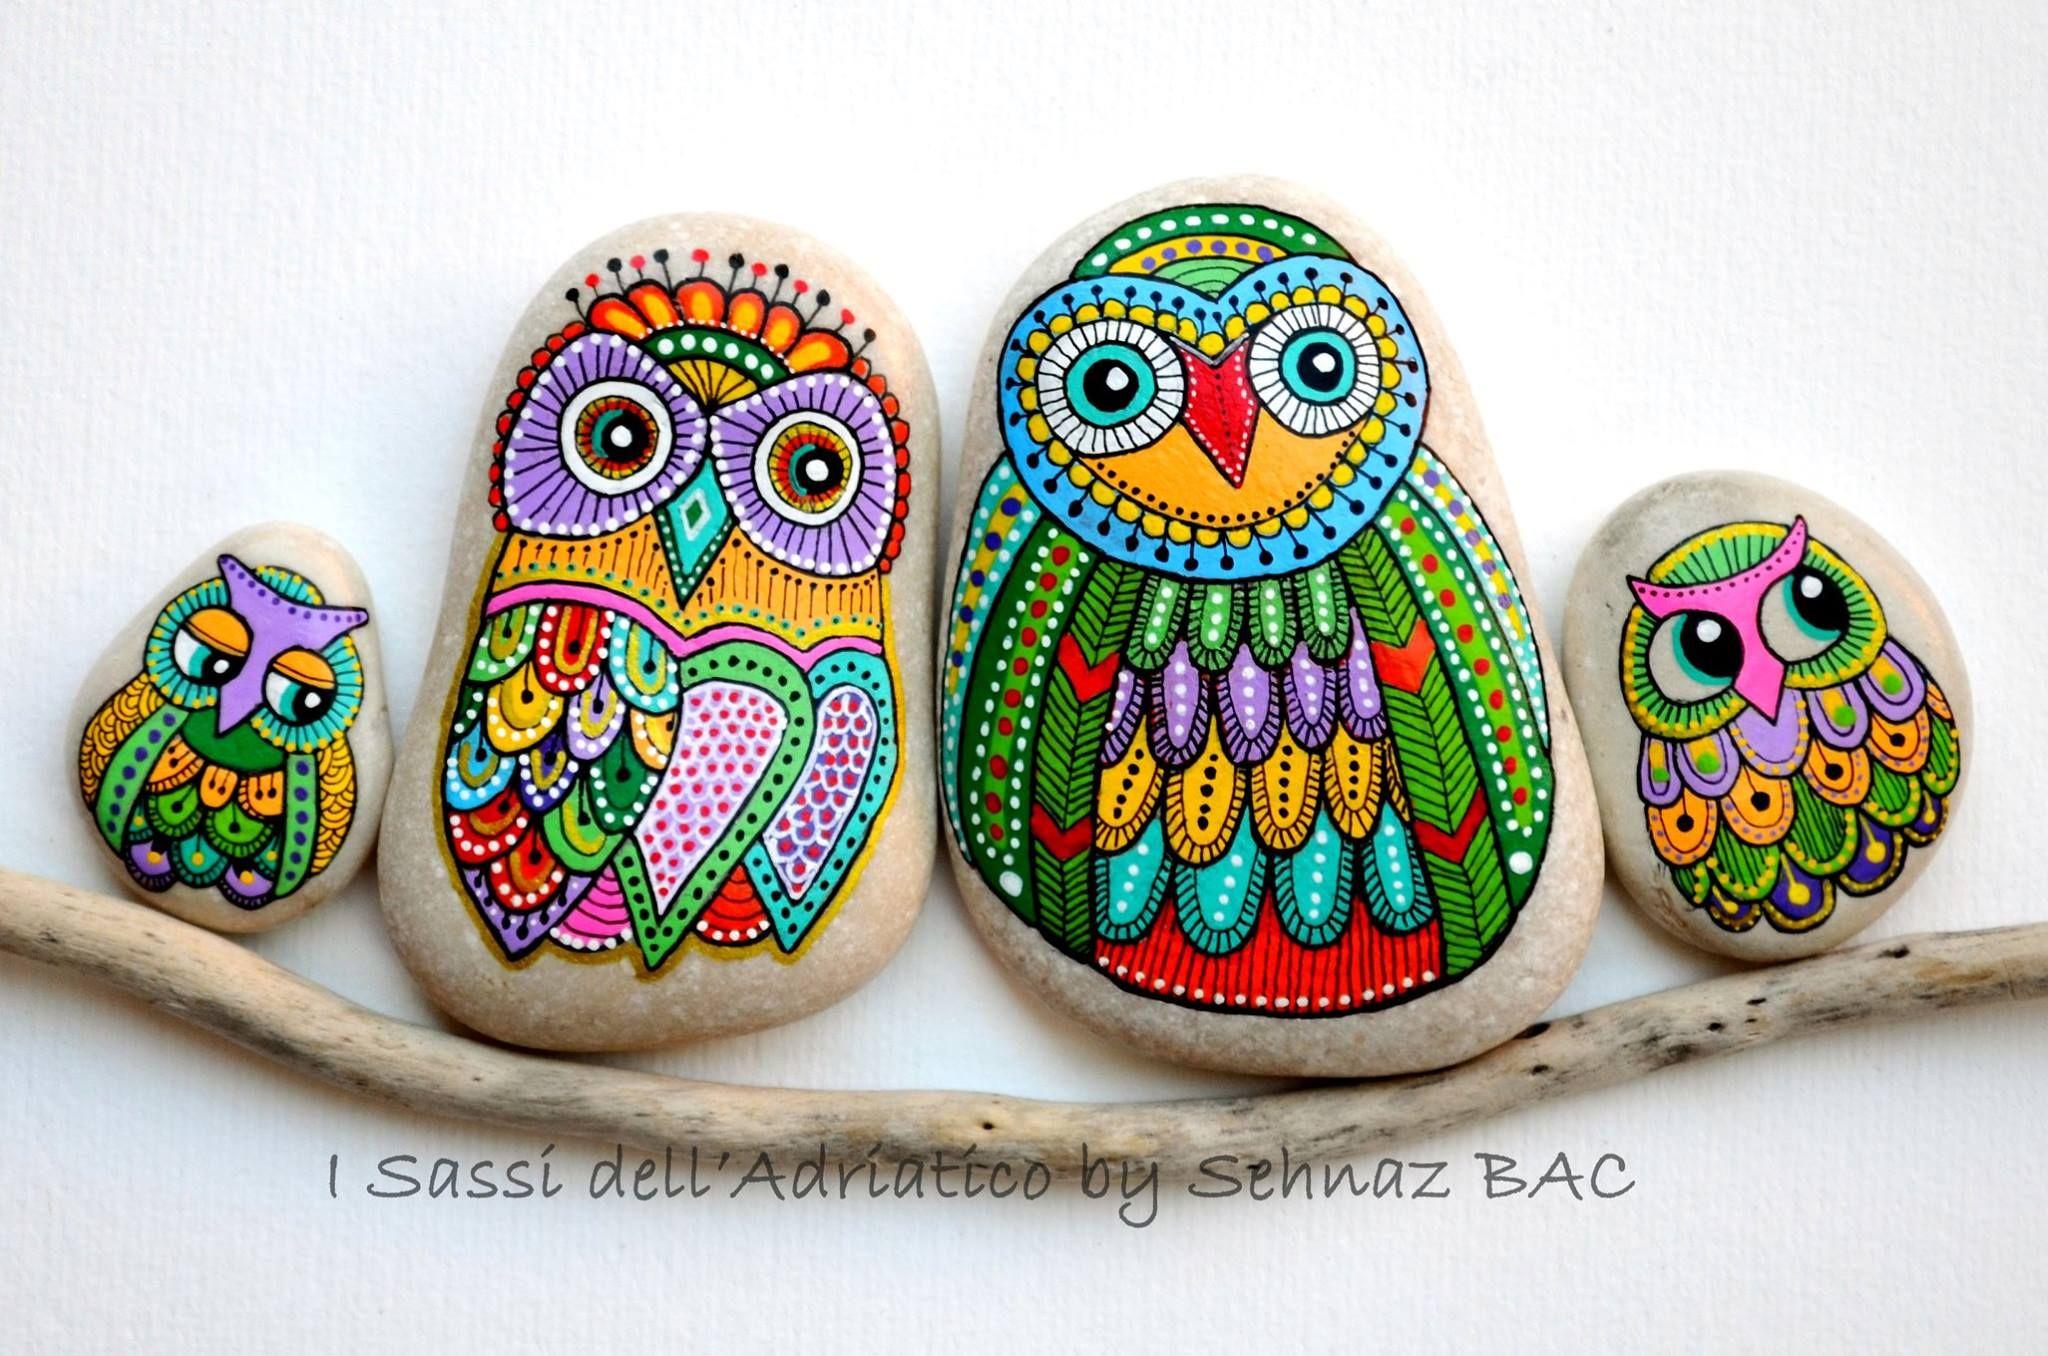 Owl family https://www.facebook.com/ISassiDelladriatico #paintedstones